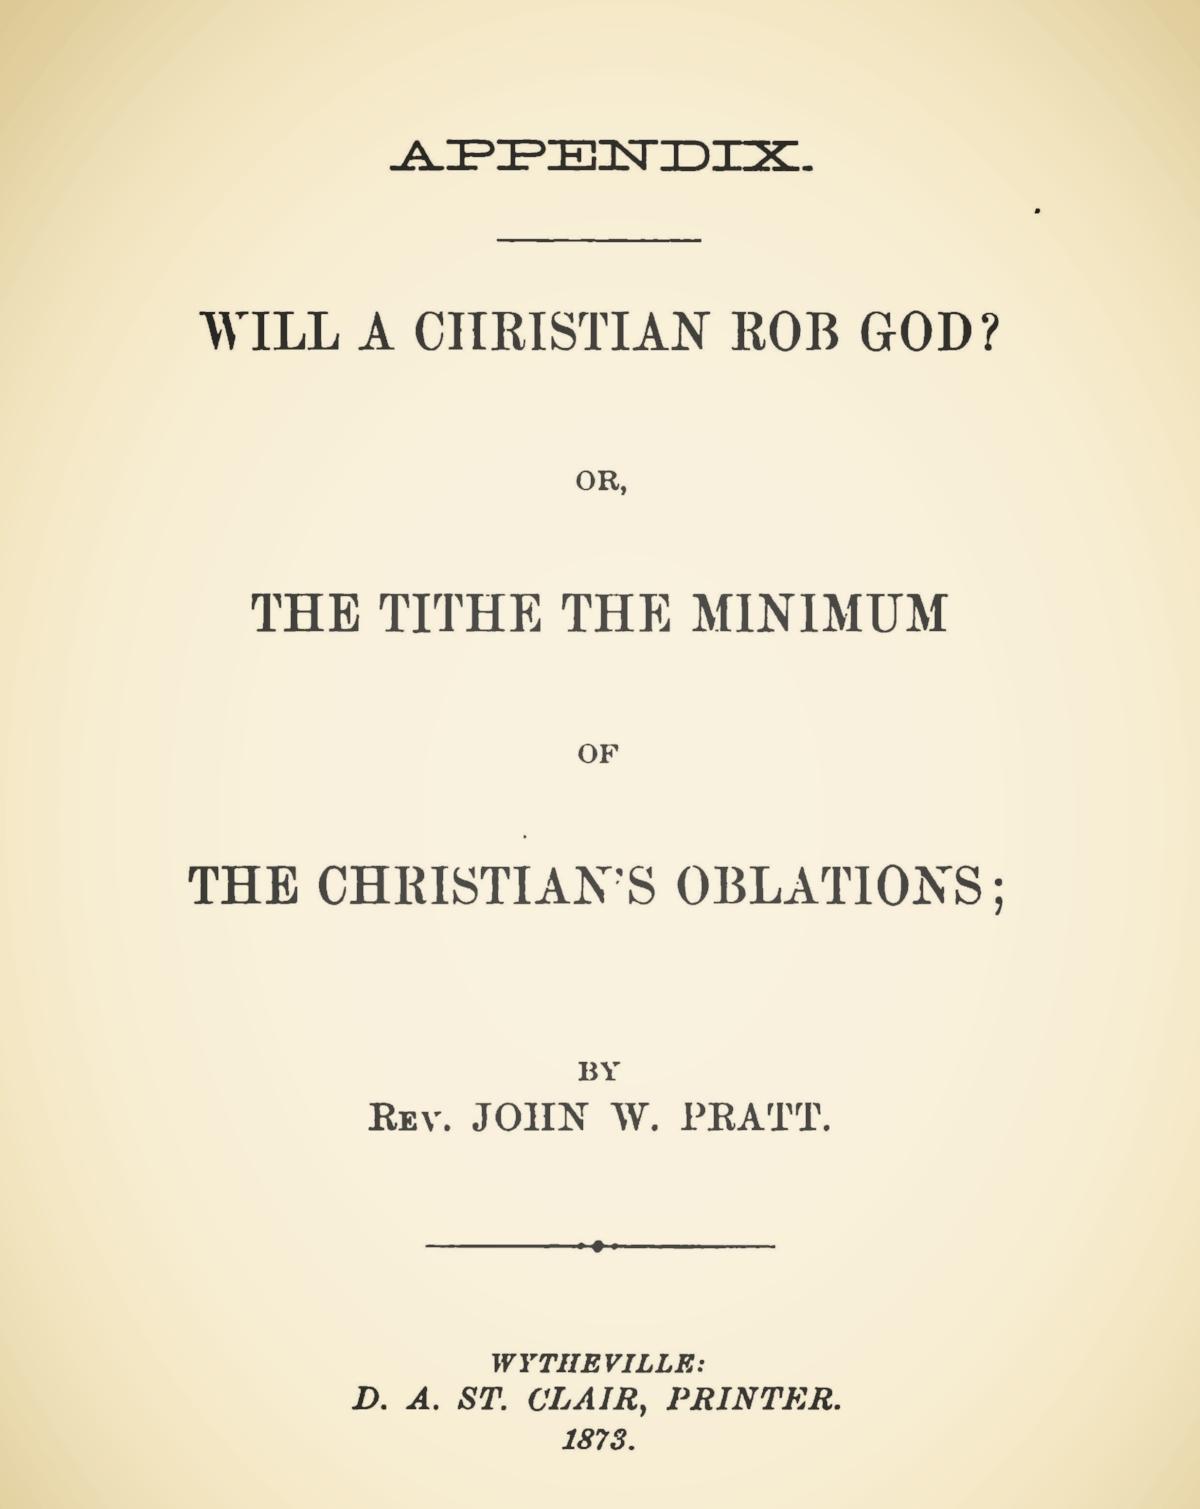 Pratt, John Wood, Sr., Will a Christian Rob God Title Page.jpg